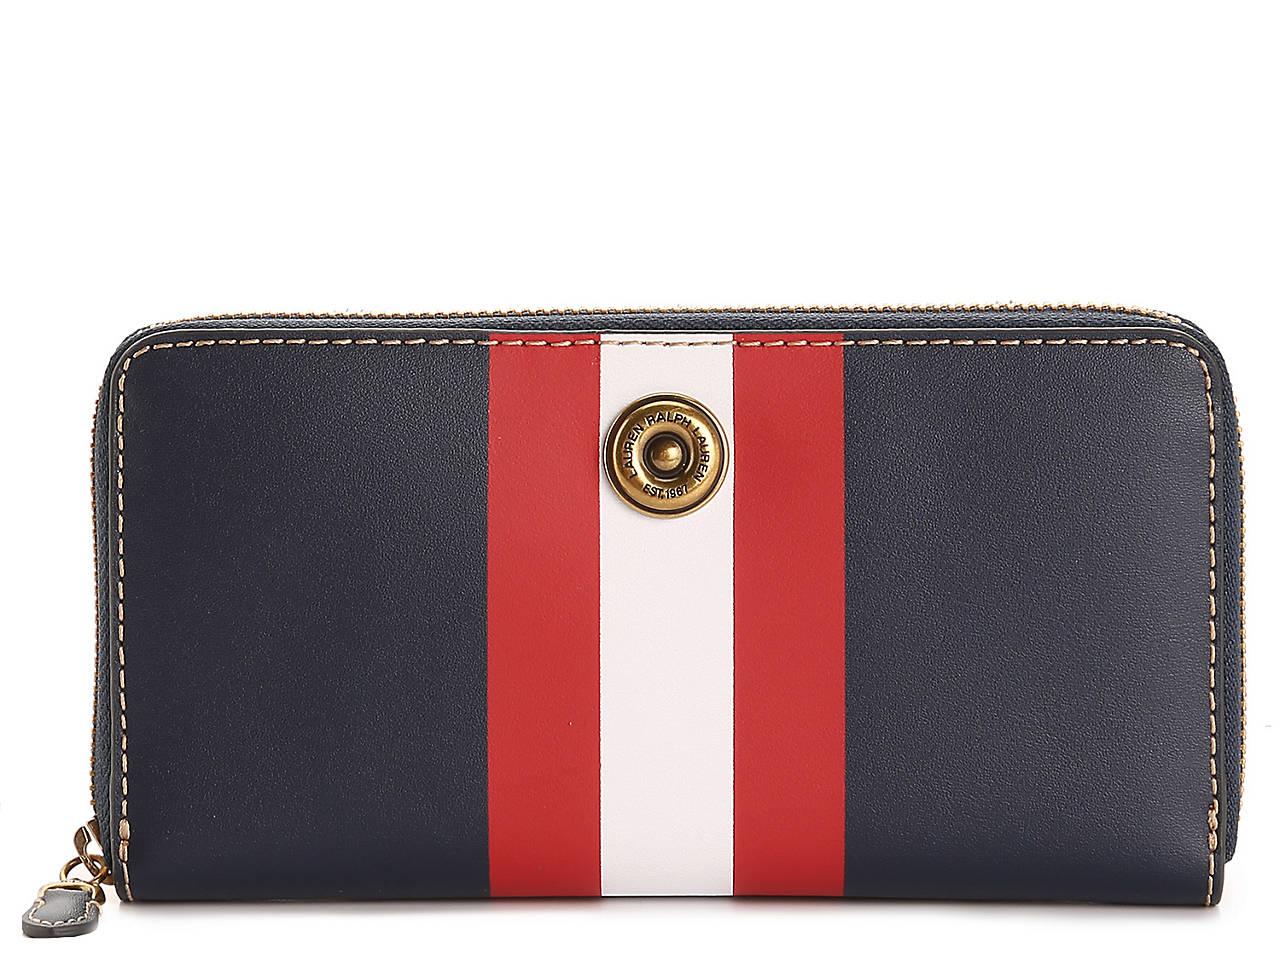 89fa370f46c2 Lauren Ralph Lauren Millbrook Leather Wallet Women s Handbags ...